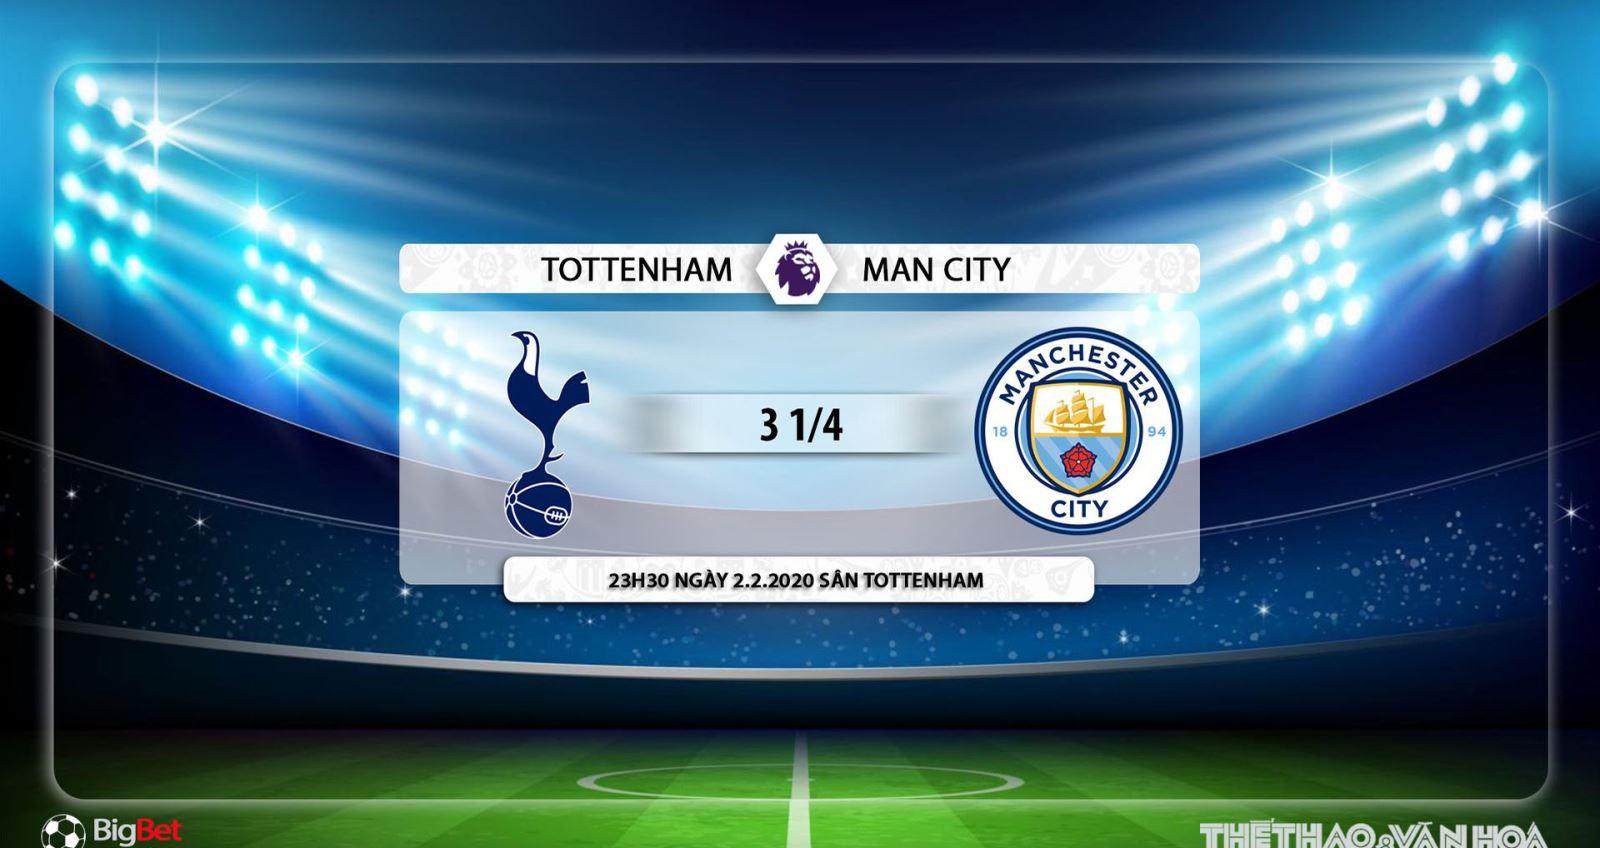 Tottenham vs Man City, Tottenham, Man City, trực tiếp Tottenham vs Man City, Man City, Tottenham, soi kèo Tottenham vs Man City, nhận định Tottenham vs Man City